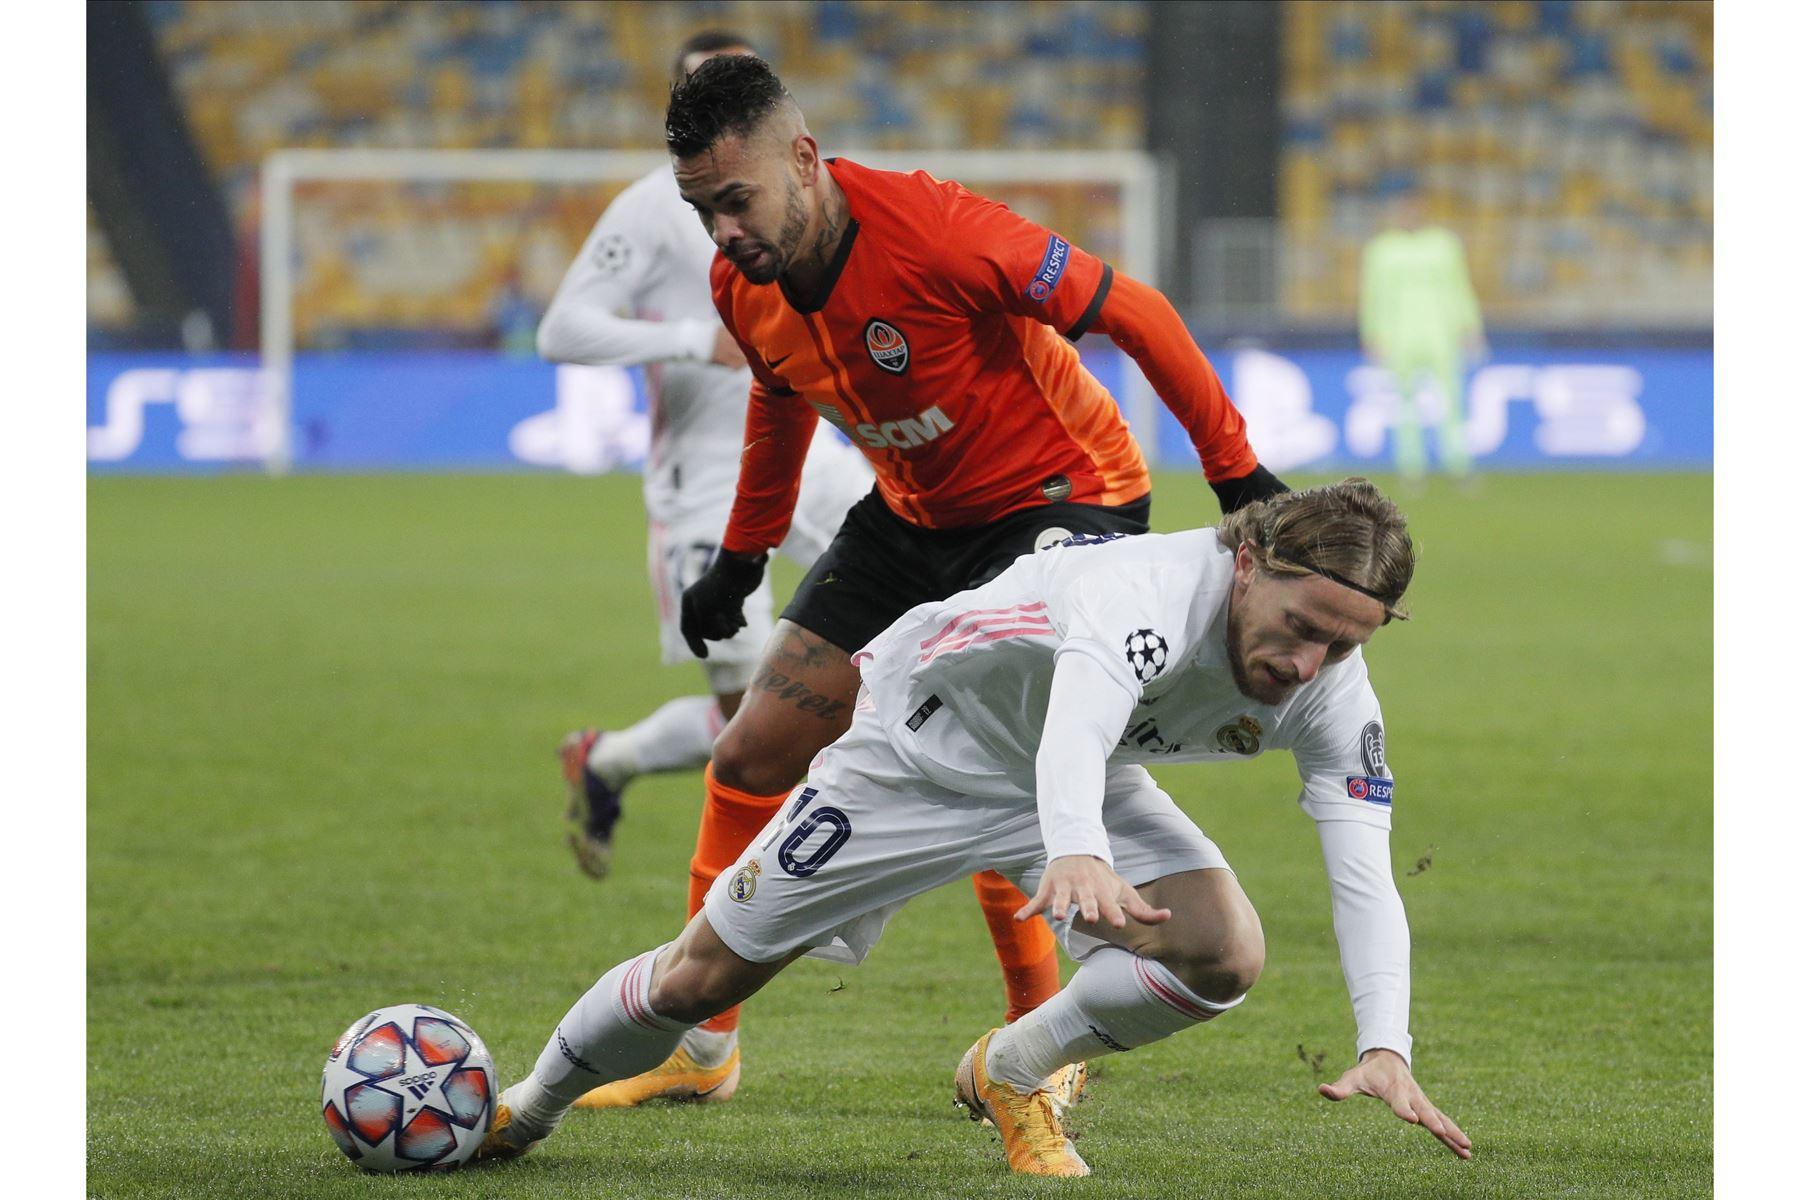 Dentinho del Shakhtar en acción contra Luka Modric del Real Madrid durante el partido del grupo B de la UEFA Champions League. Foto: EFE